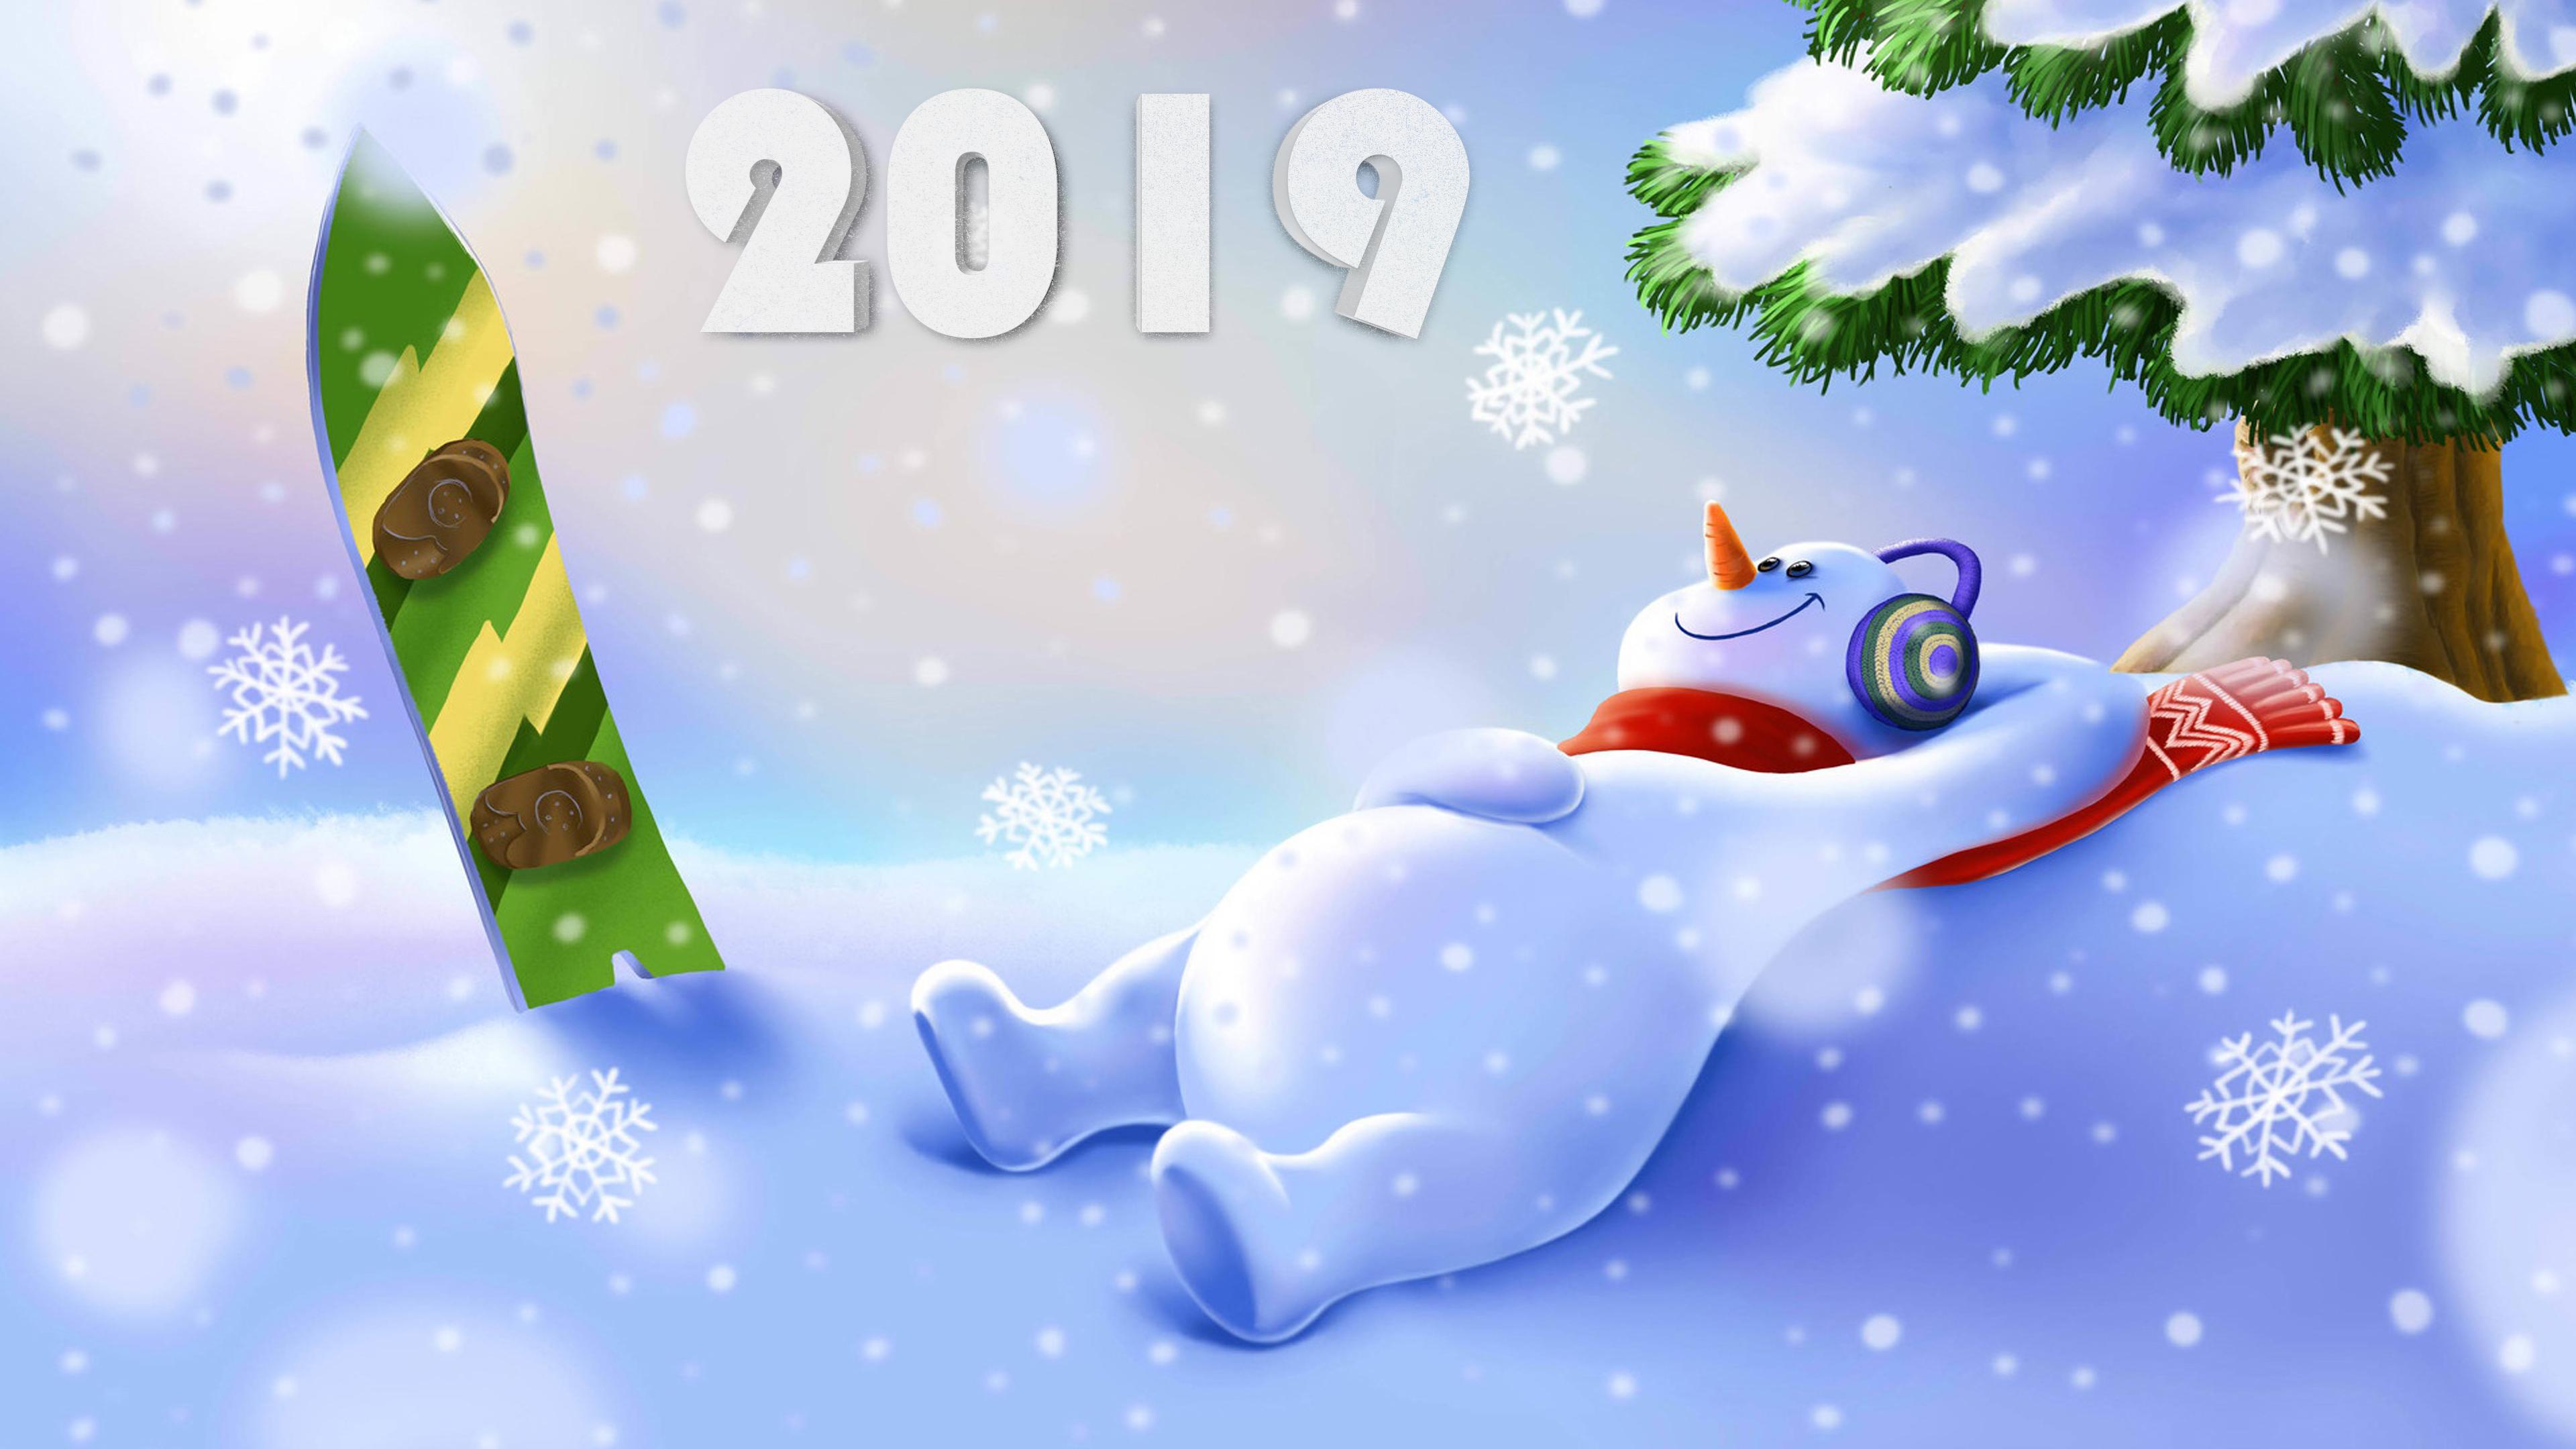 Новогодние обои 2019 №2_002.jpg